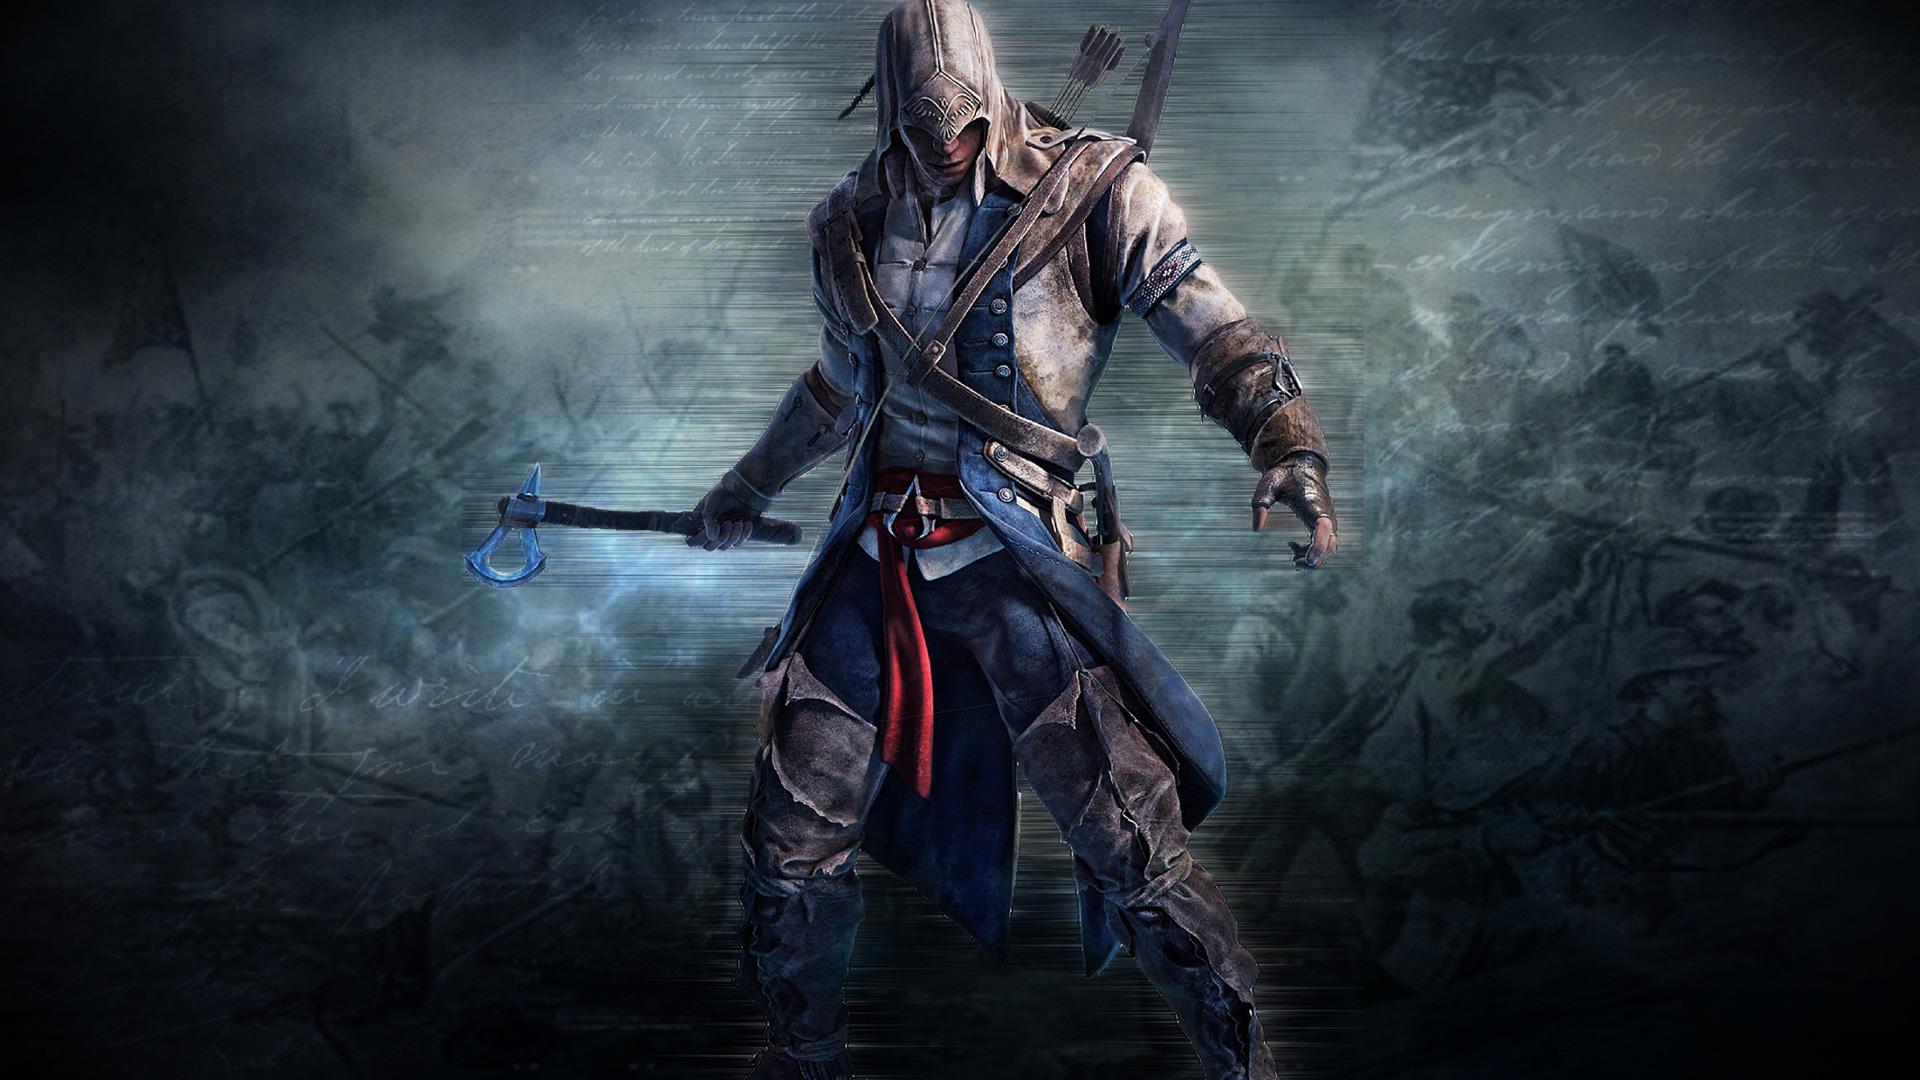 Assassins Creed 3 Wallpaper 6 Wallpapersbq